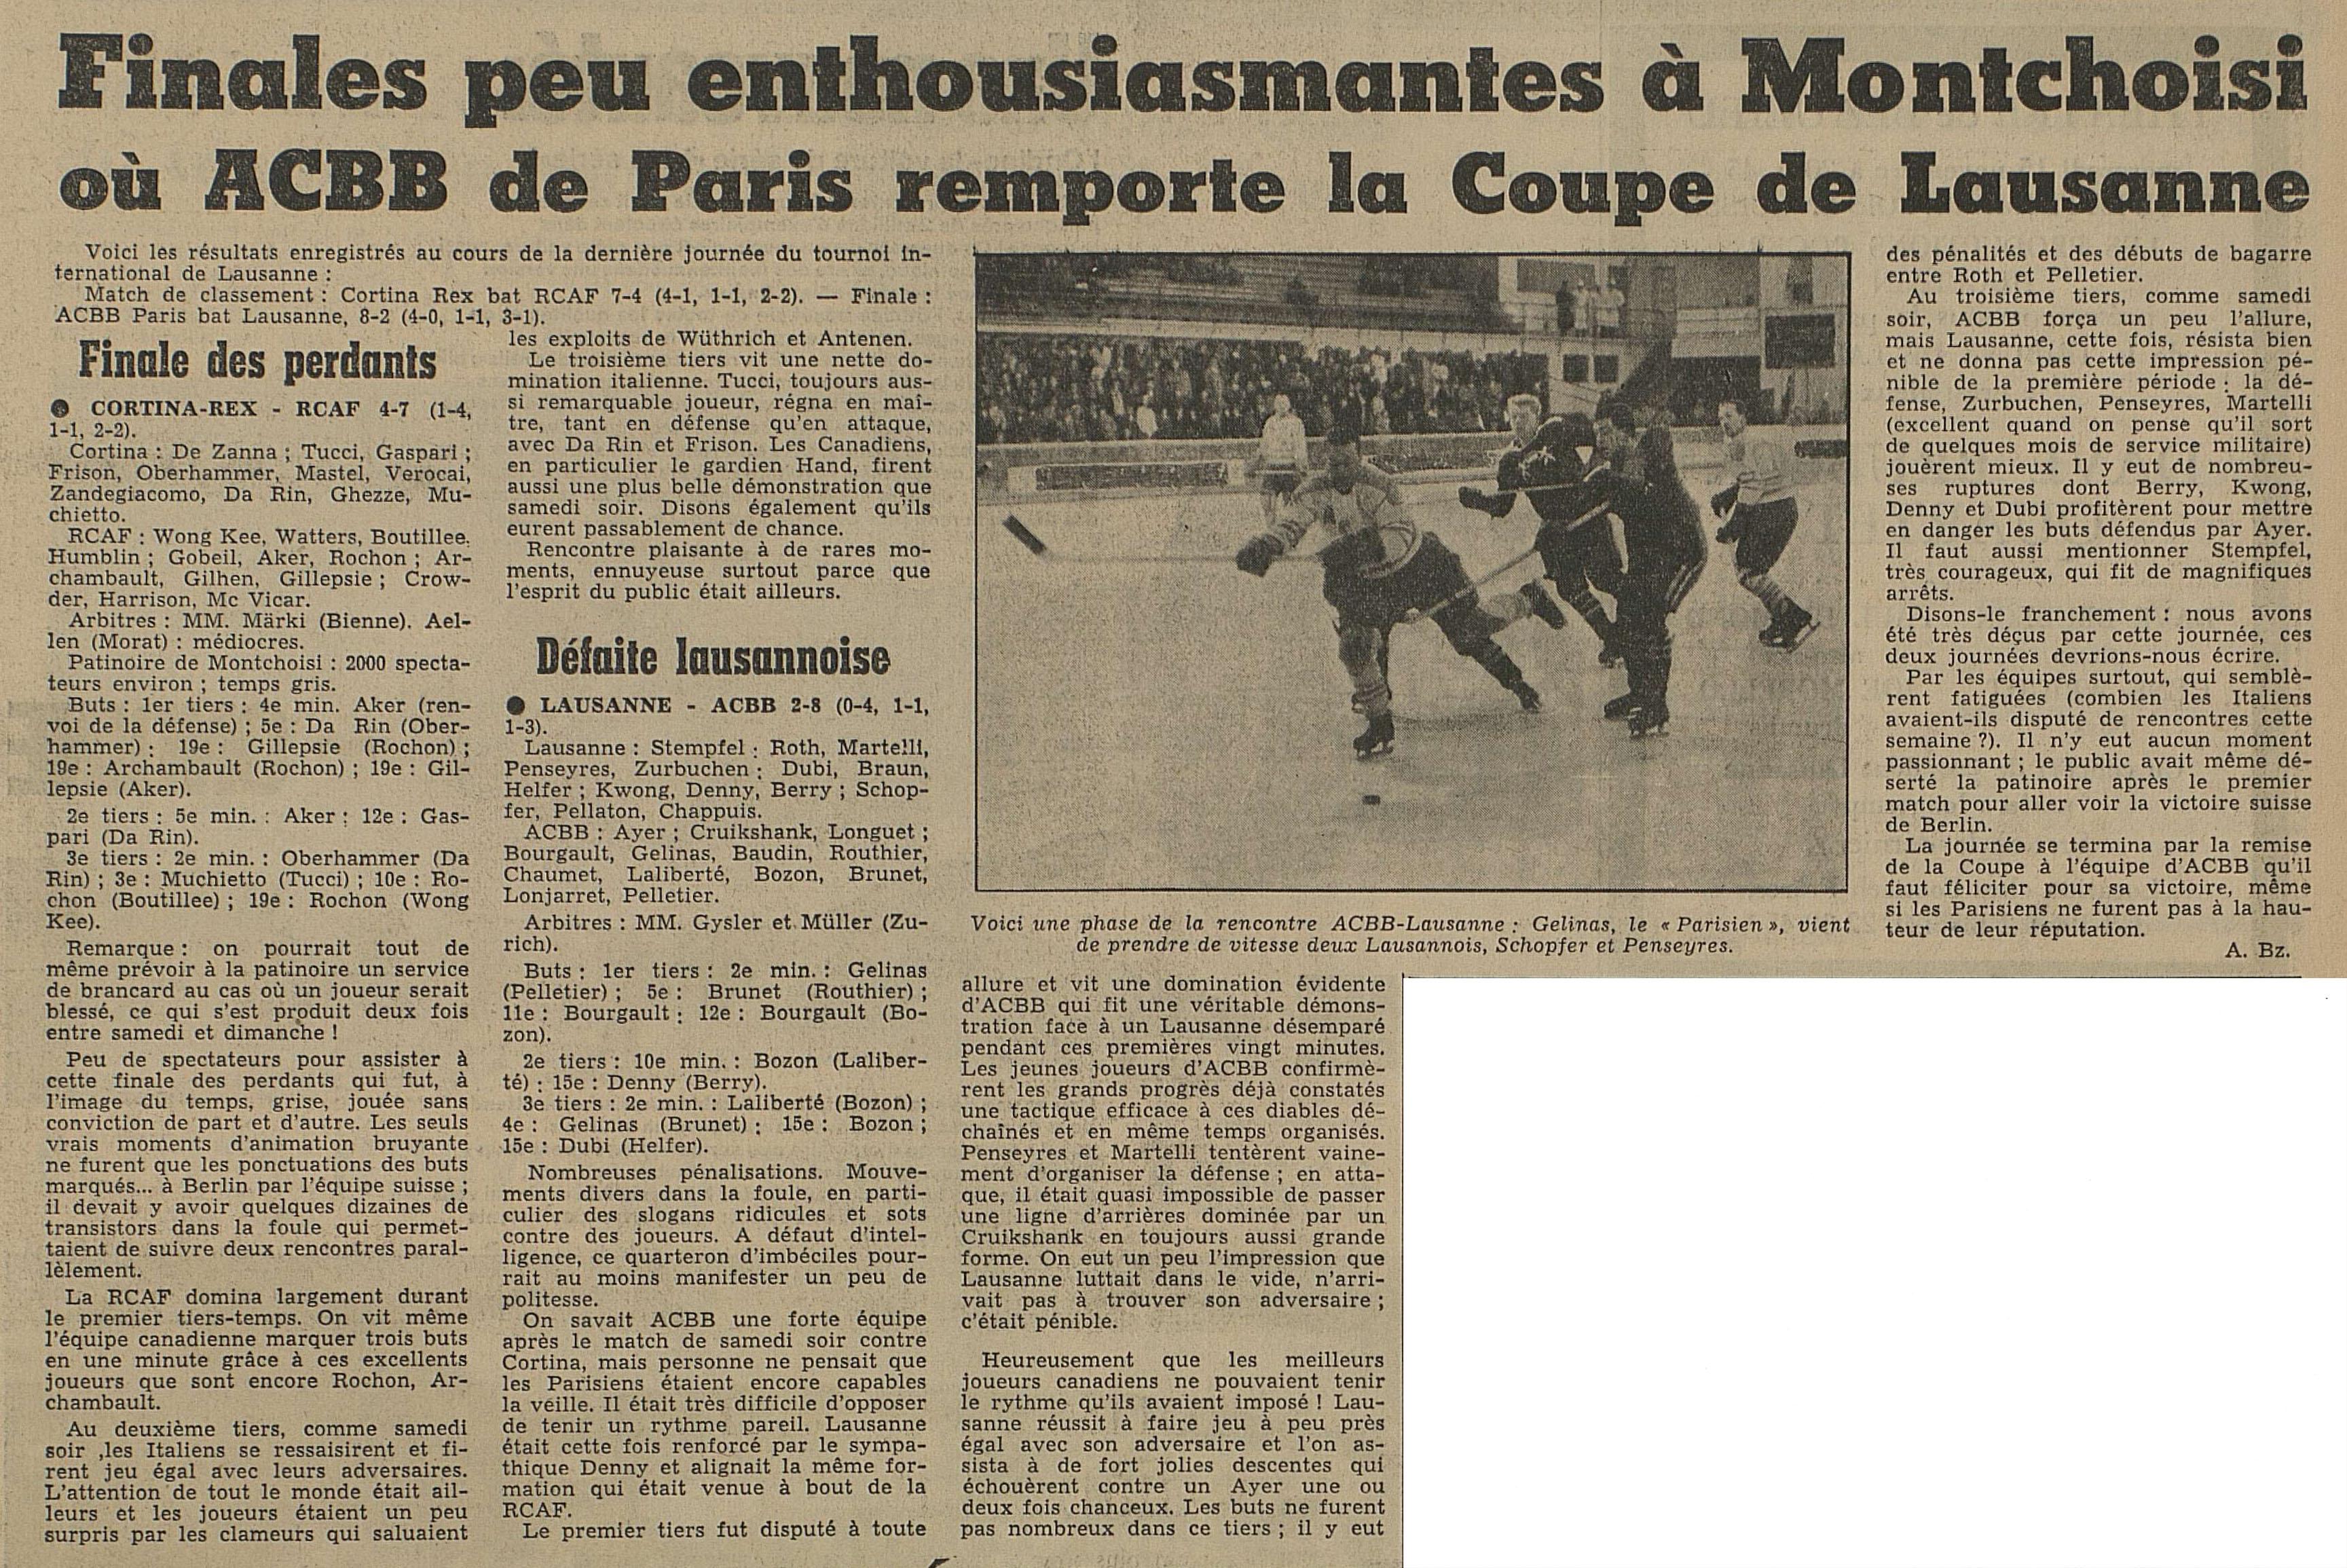 Le Matin - Tribune de Lausanne_19611113_-4++.jpg